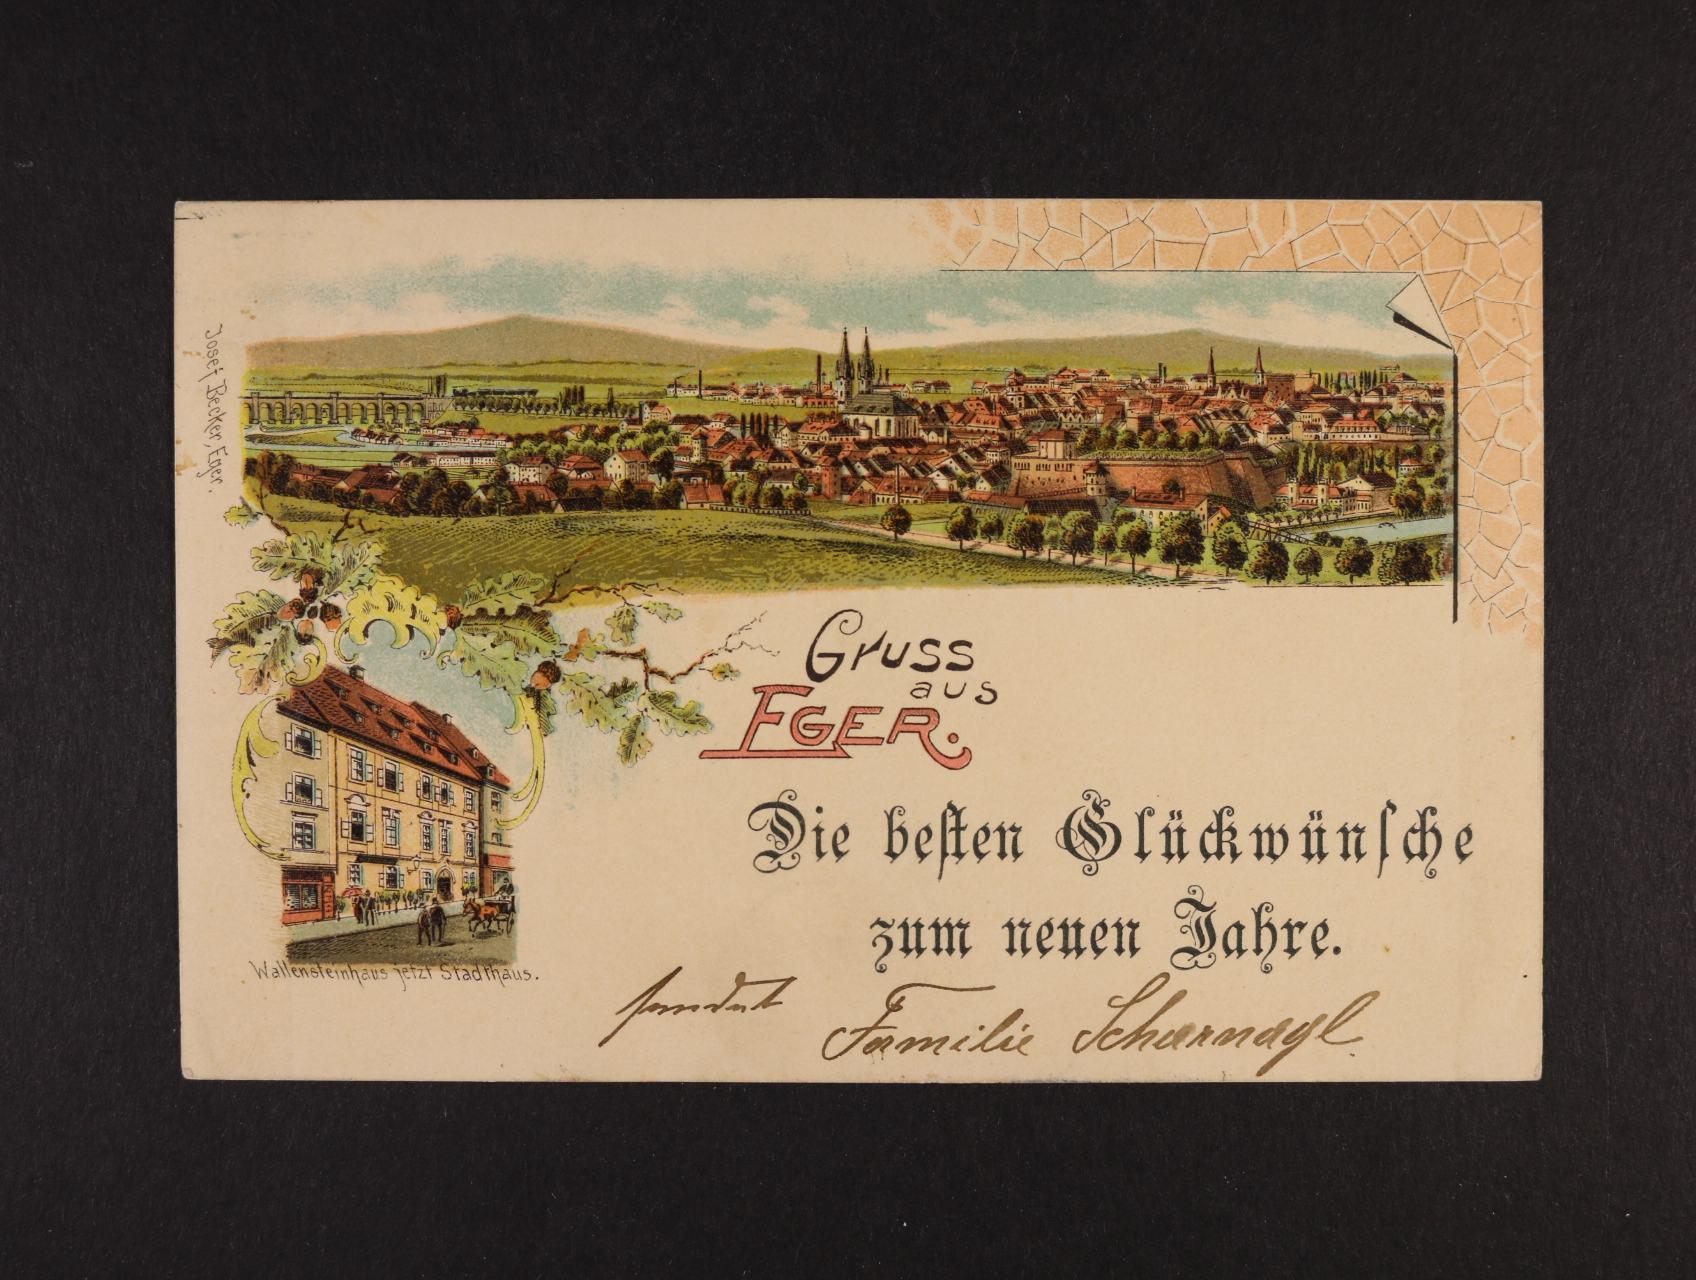 Cheb - Eger - bar. litograf. koláž, dl. adresa, odlepená známka, použitá 1899